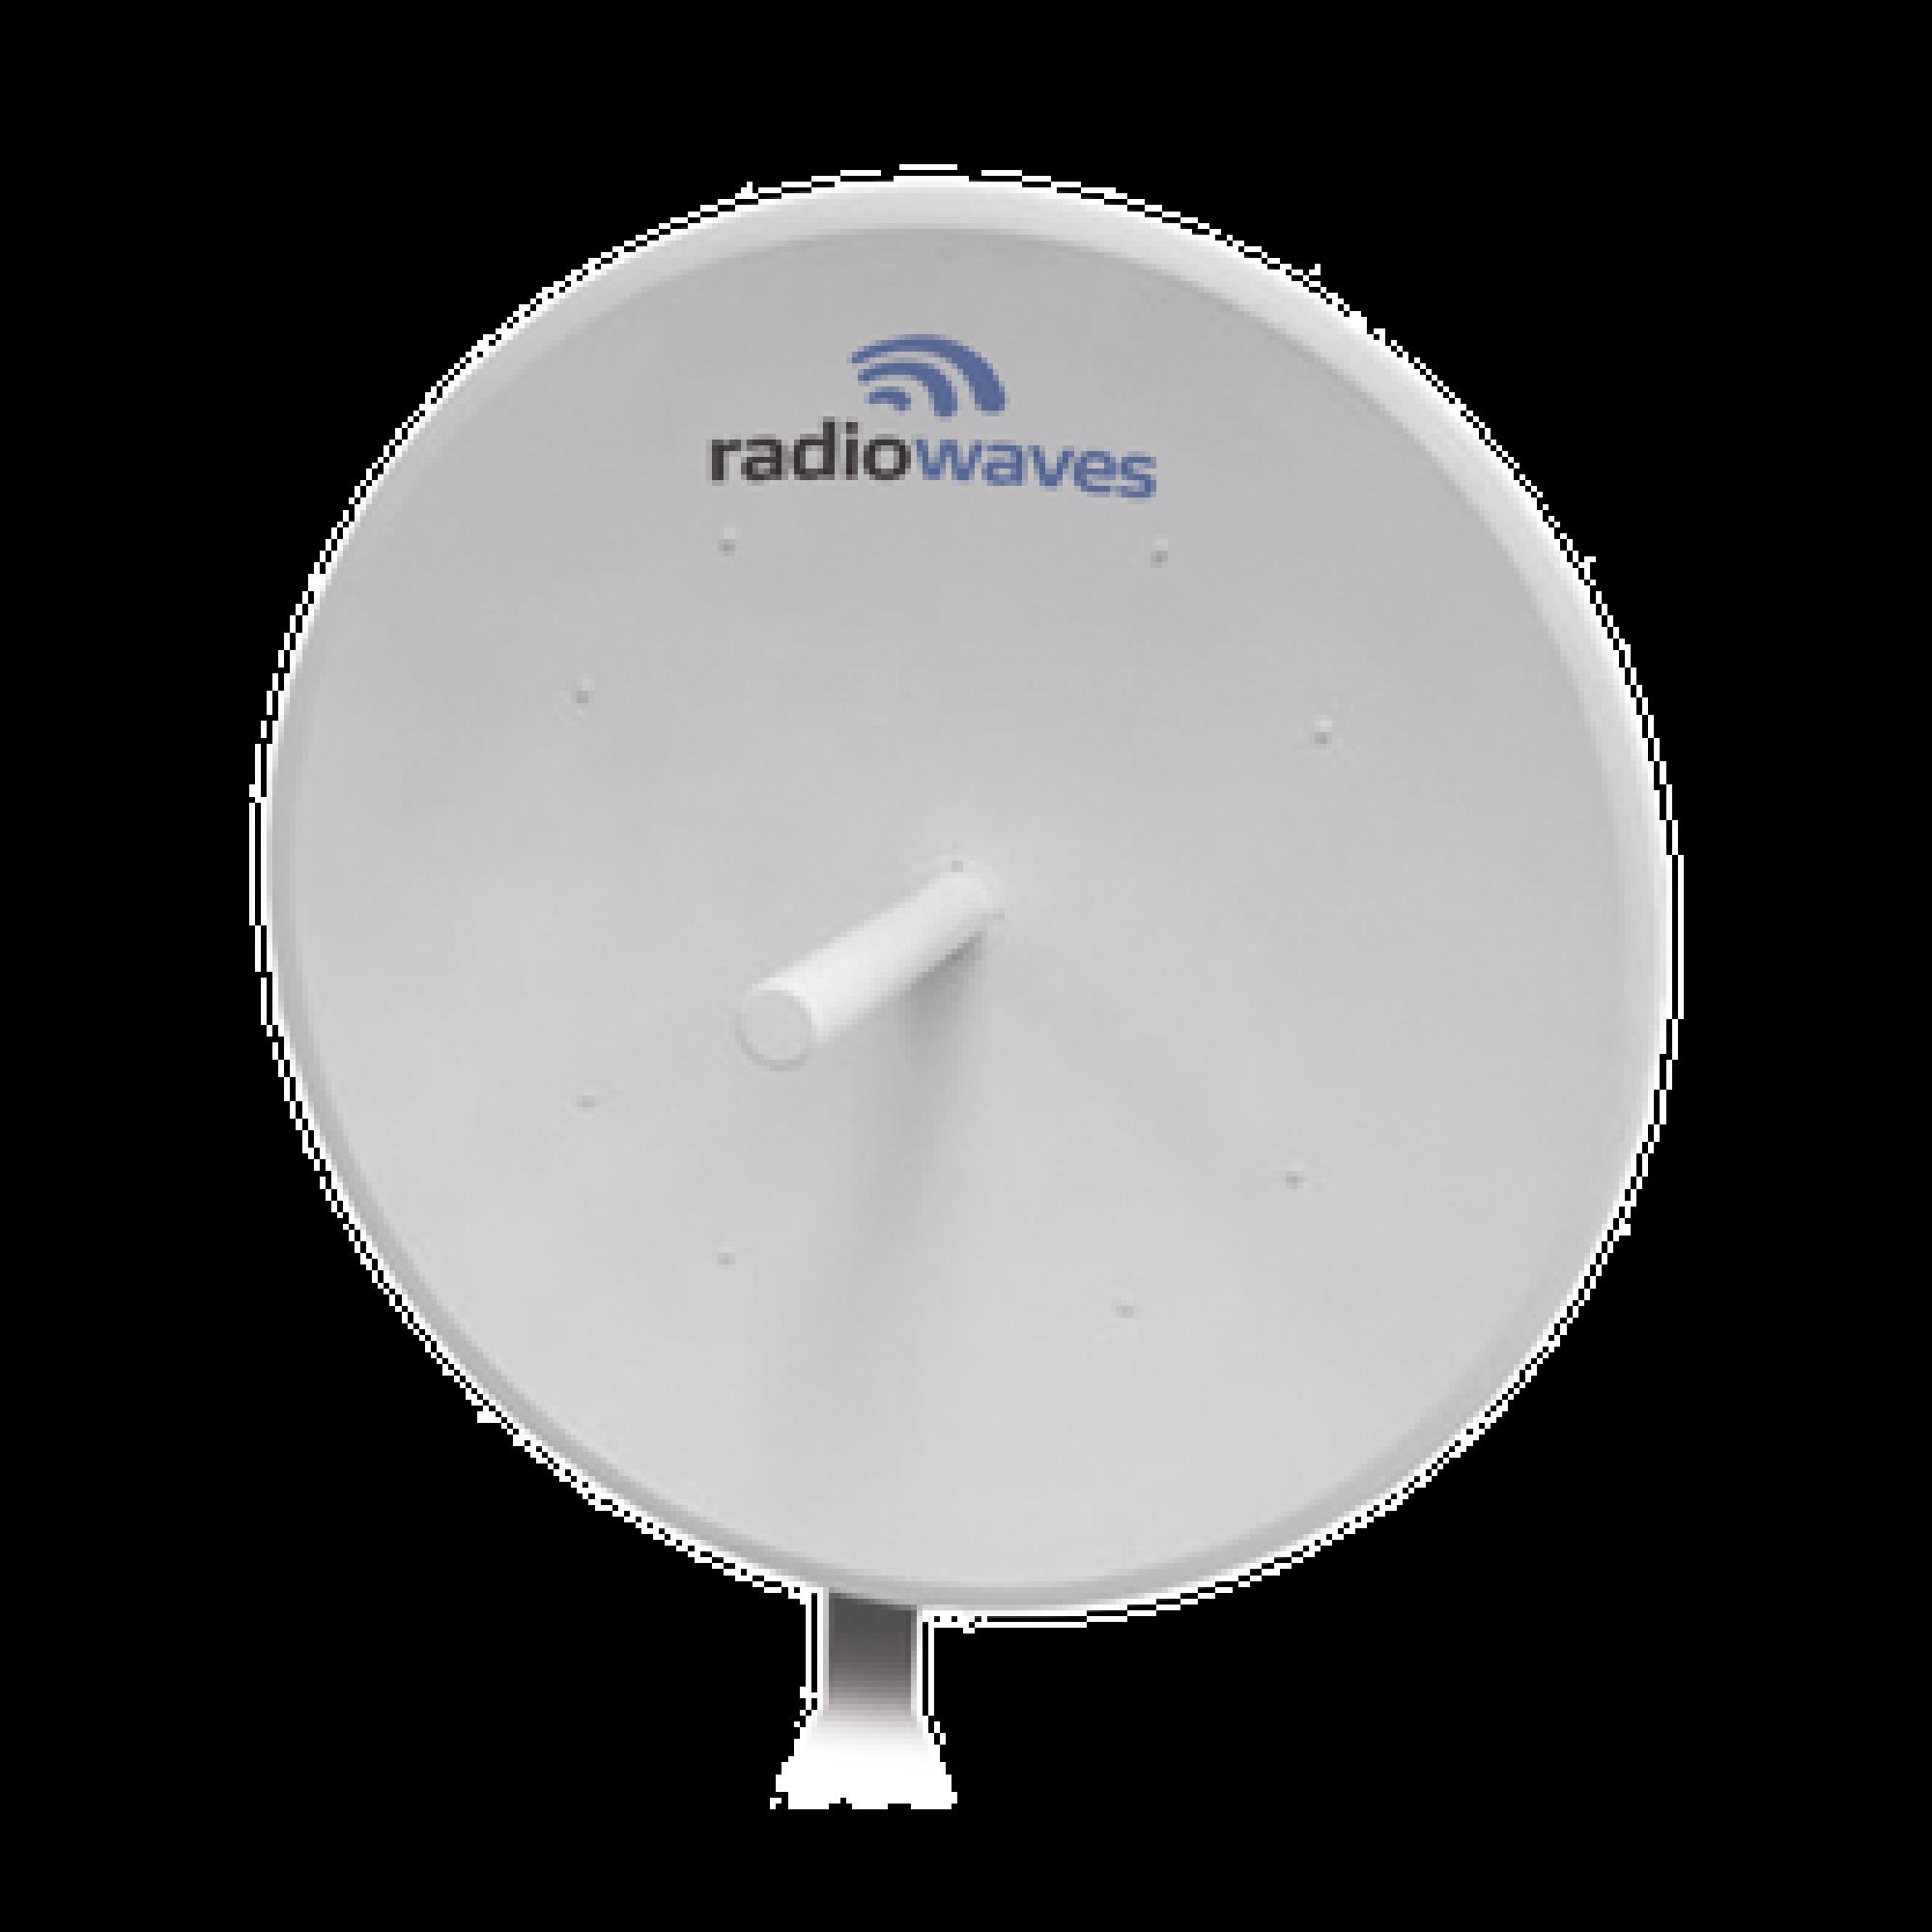 Antena direccional, Dimensiones (4 ft), 4.9 - 6 GHz, 2 Conectores N-hembra, Ganancia 35dBi, Montaje incluido